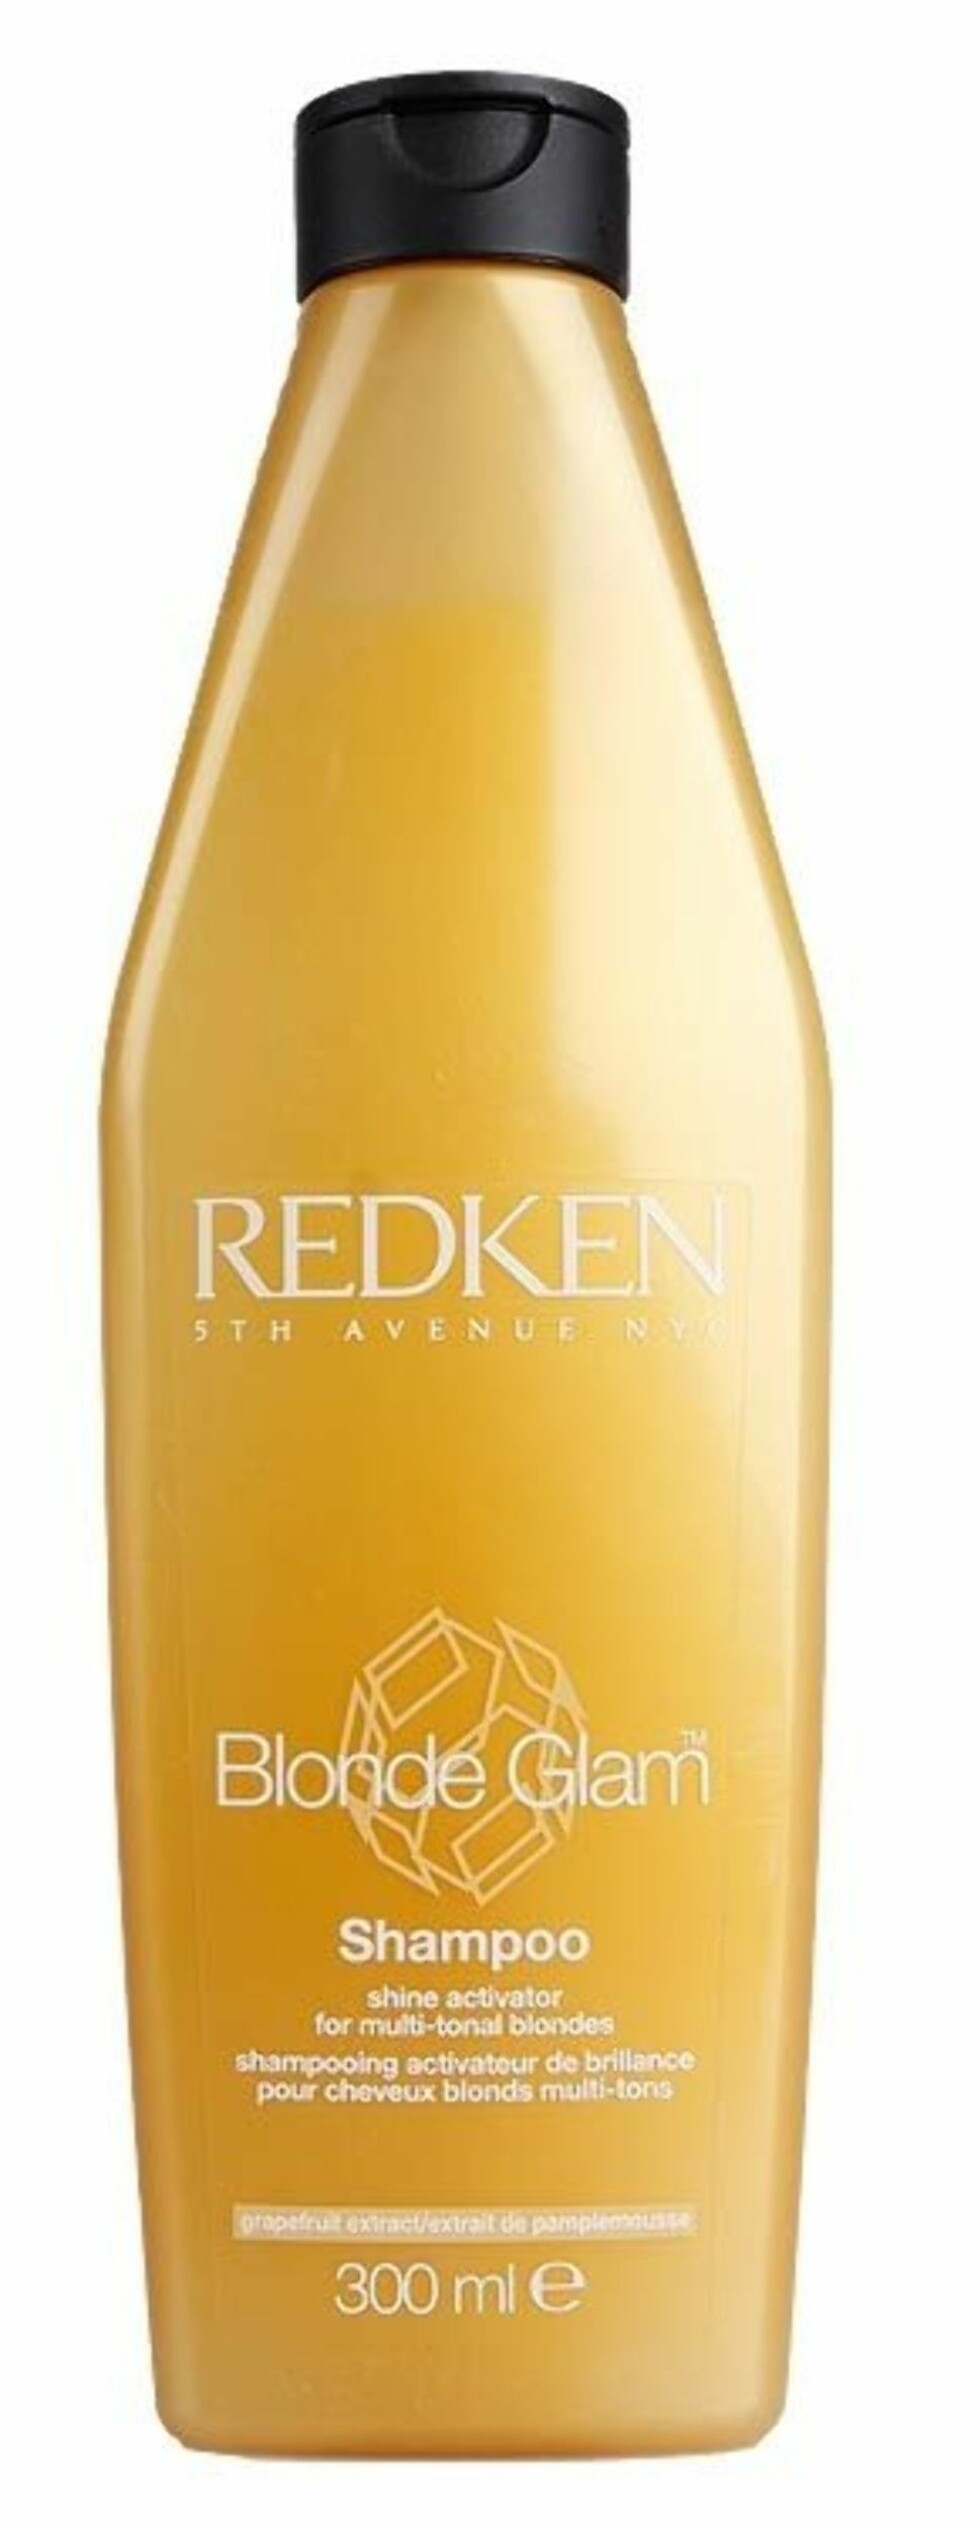 Redken Blonde Glam Shampoo gir ekstra glans og pleie til blonde lokker, ca. kr 179. Foto: Produsenten